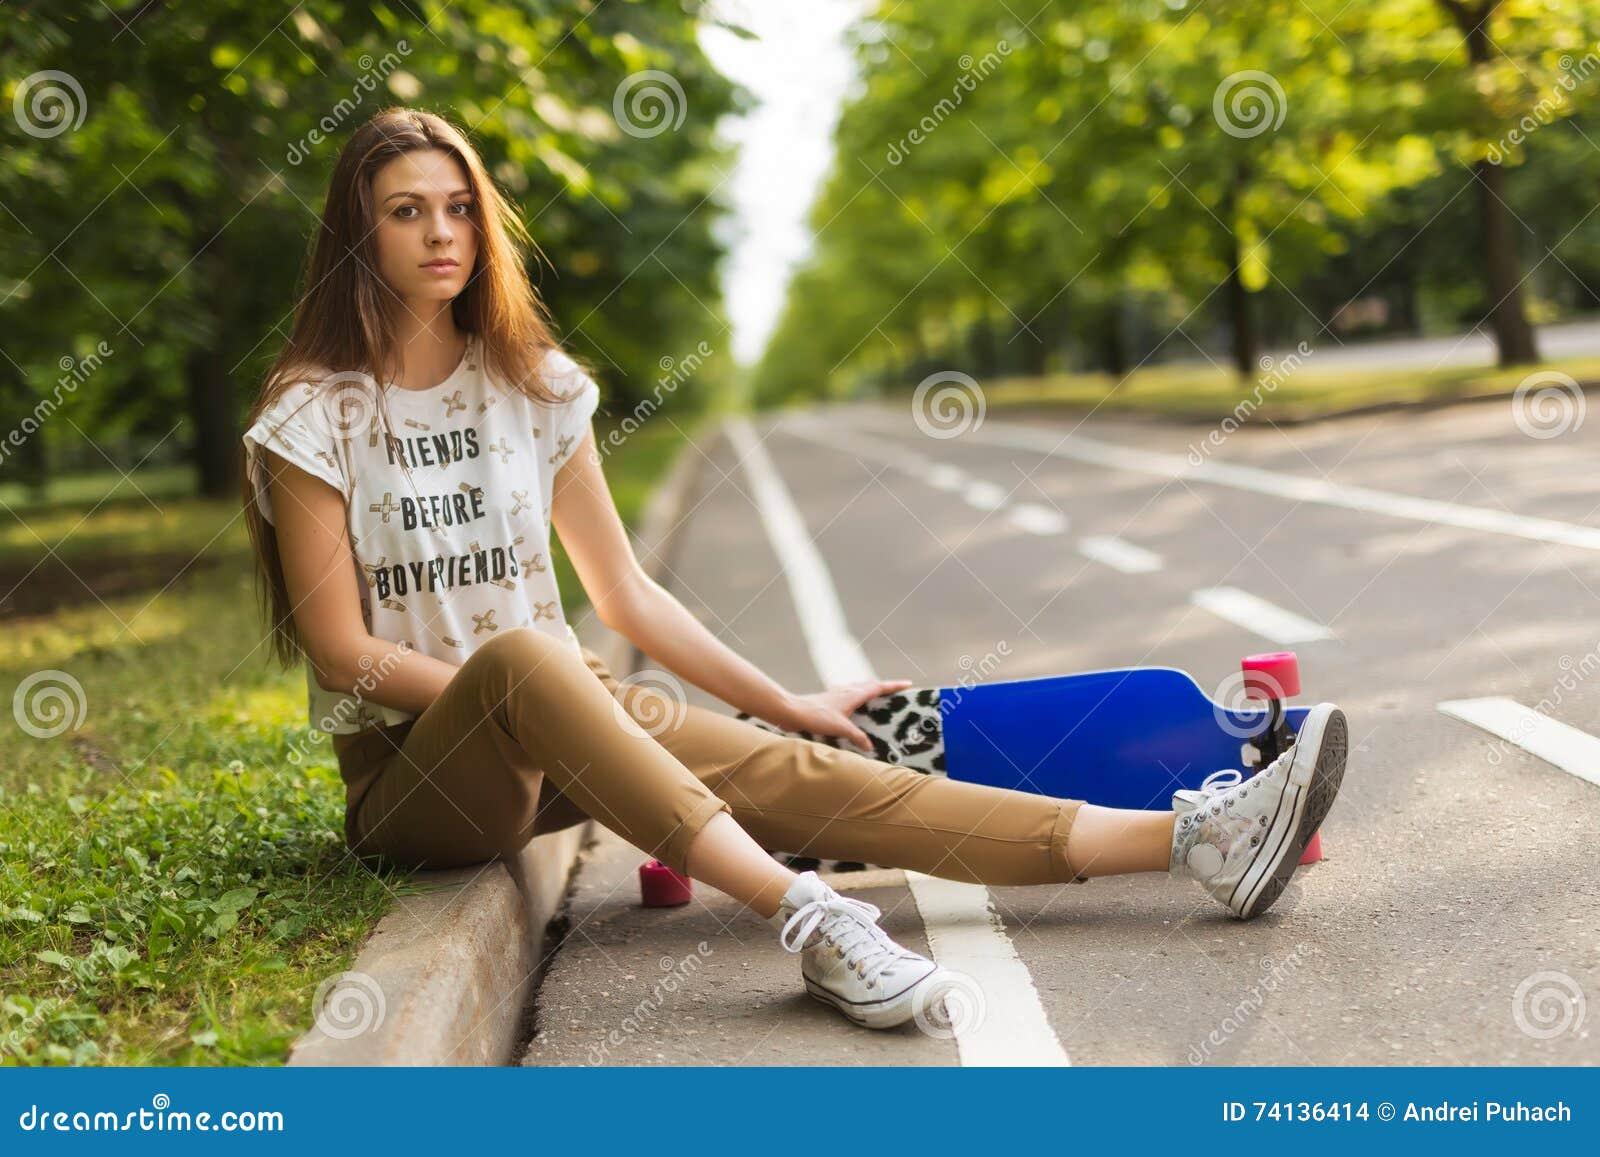 A moça muito bonita com o cabelo longo que senta-se no parque na trilha e mantém o lorgbord skateboarding lifestyle